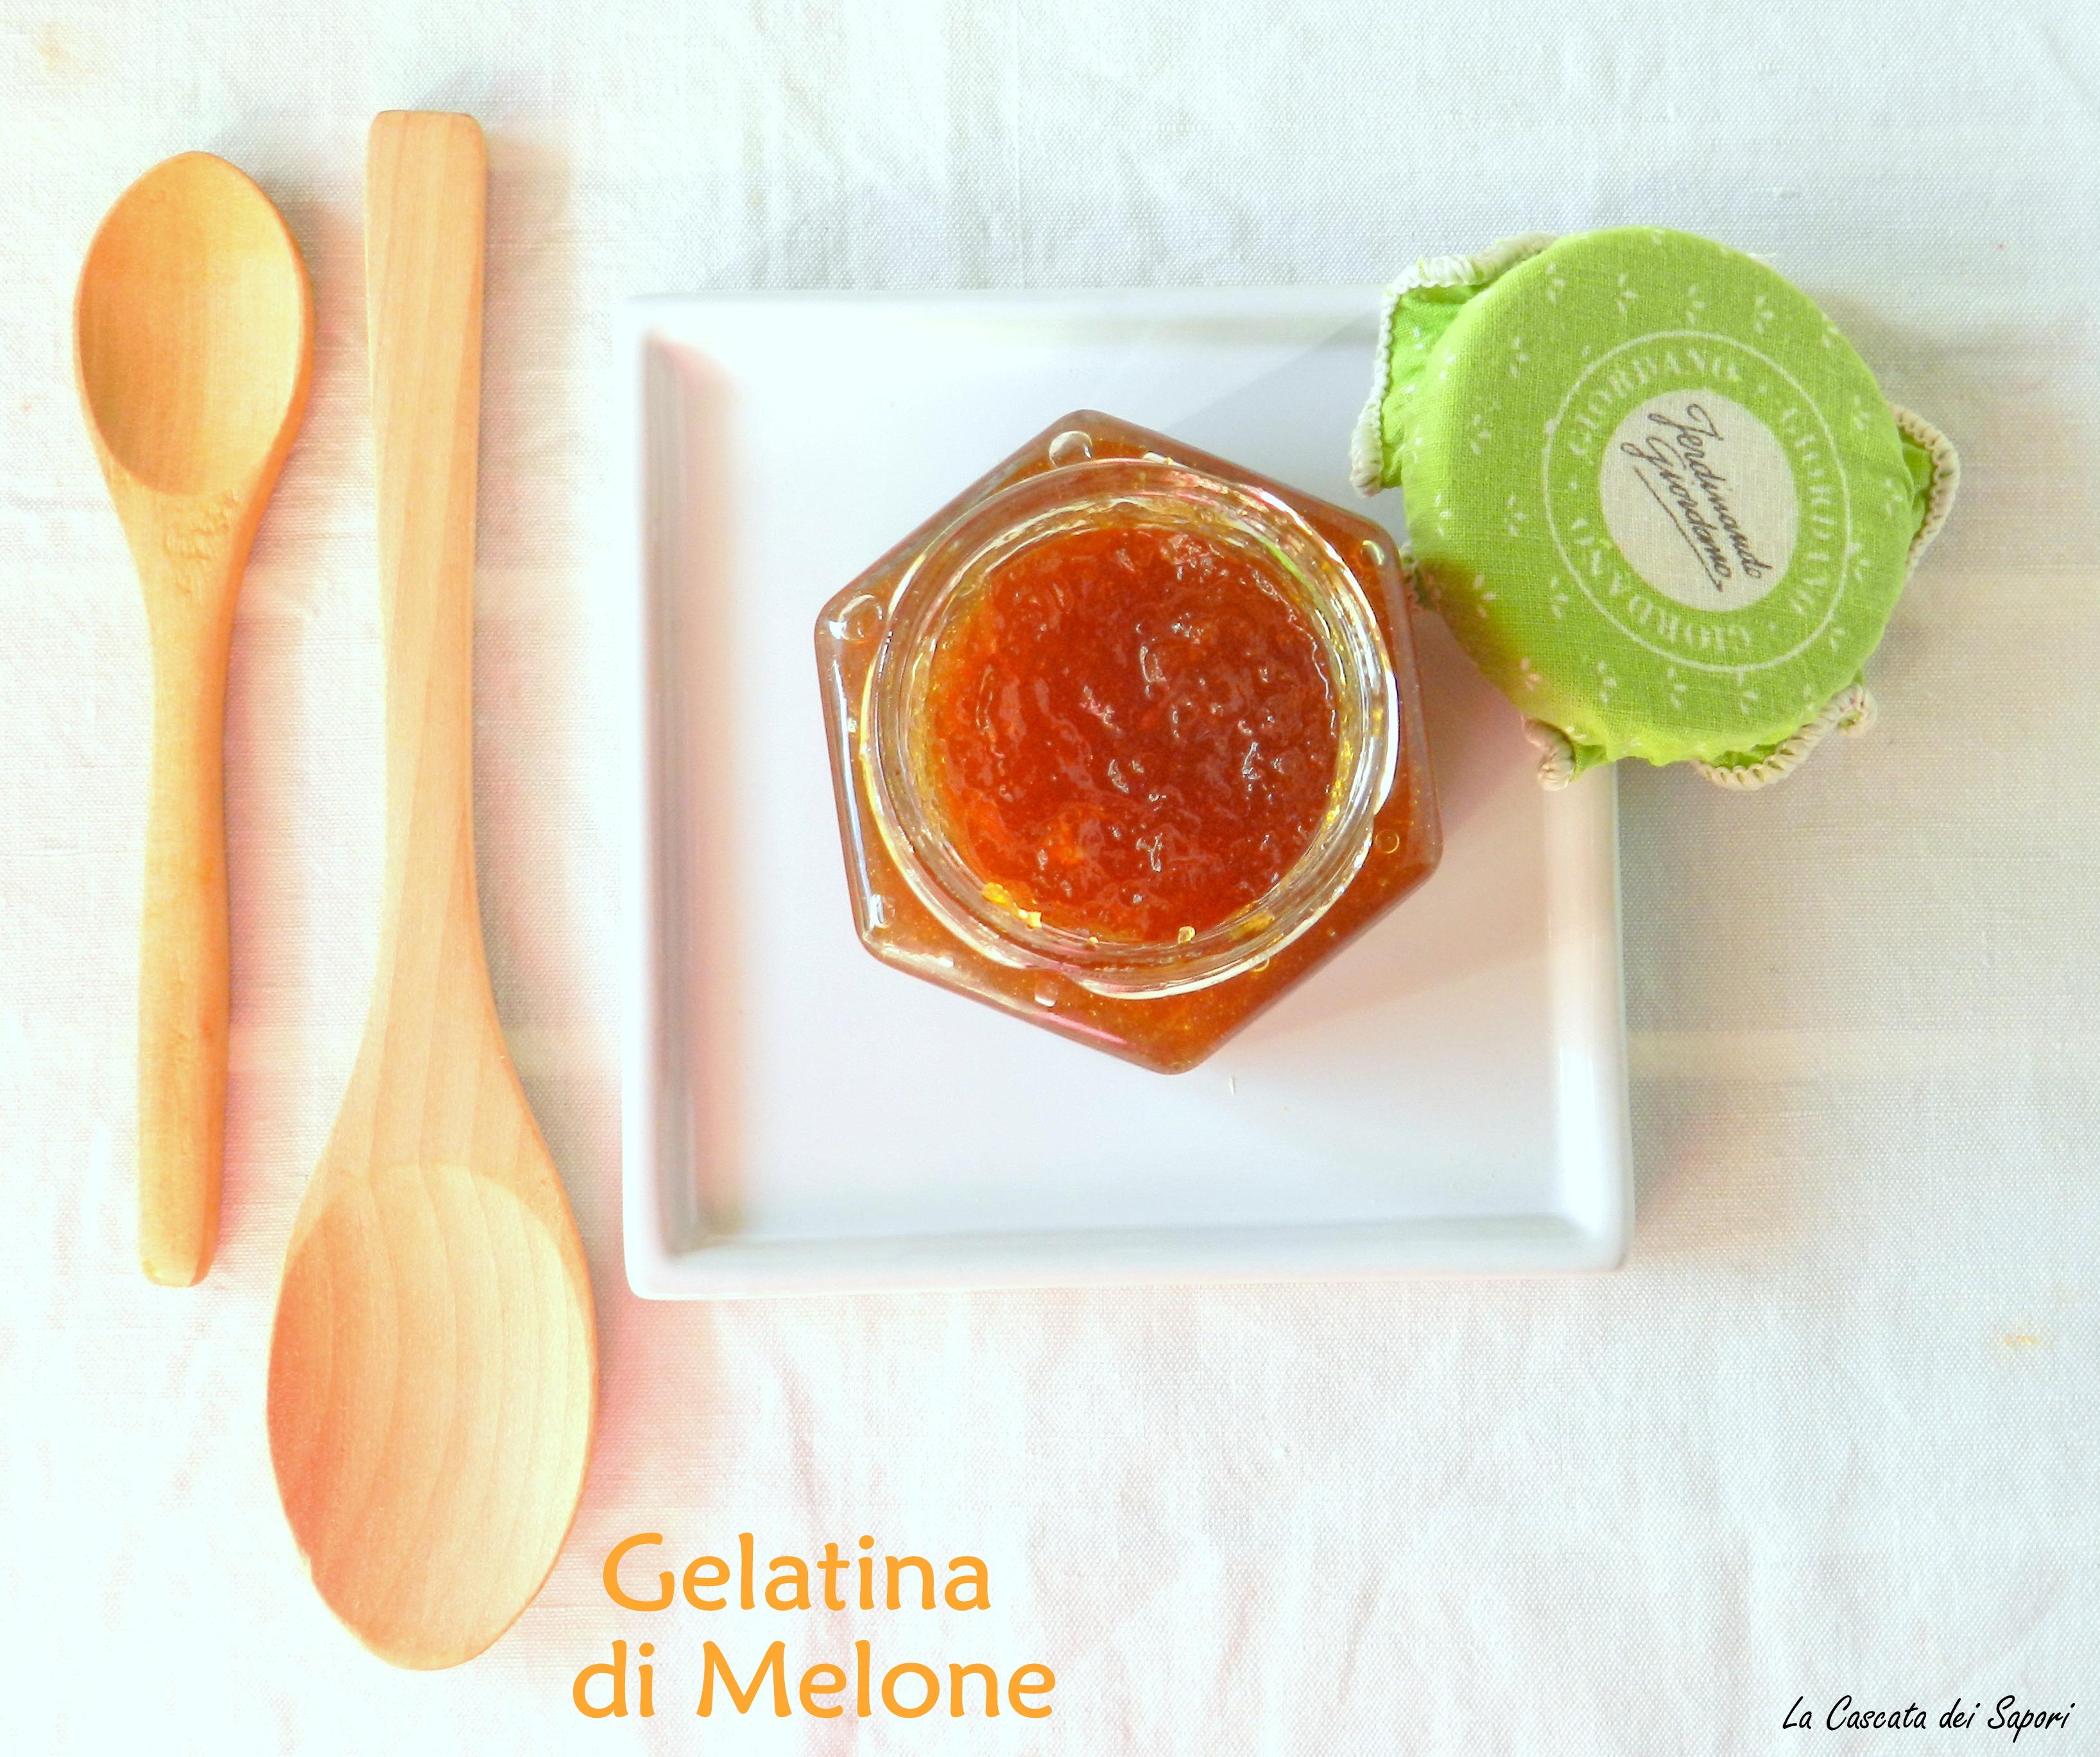 Gelatina di melone